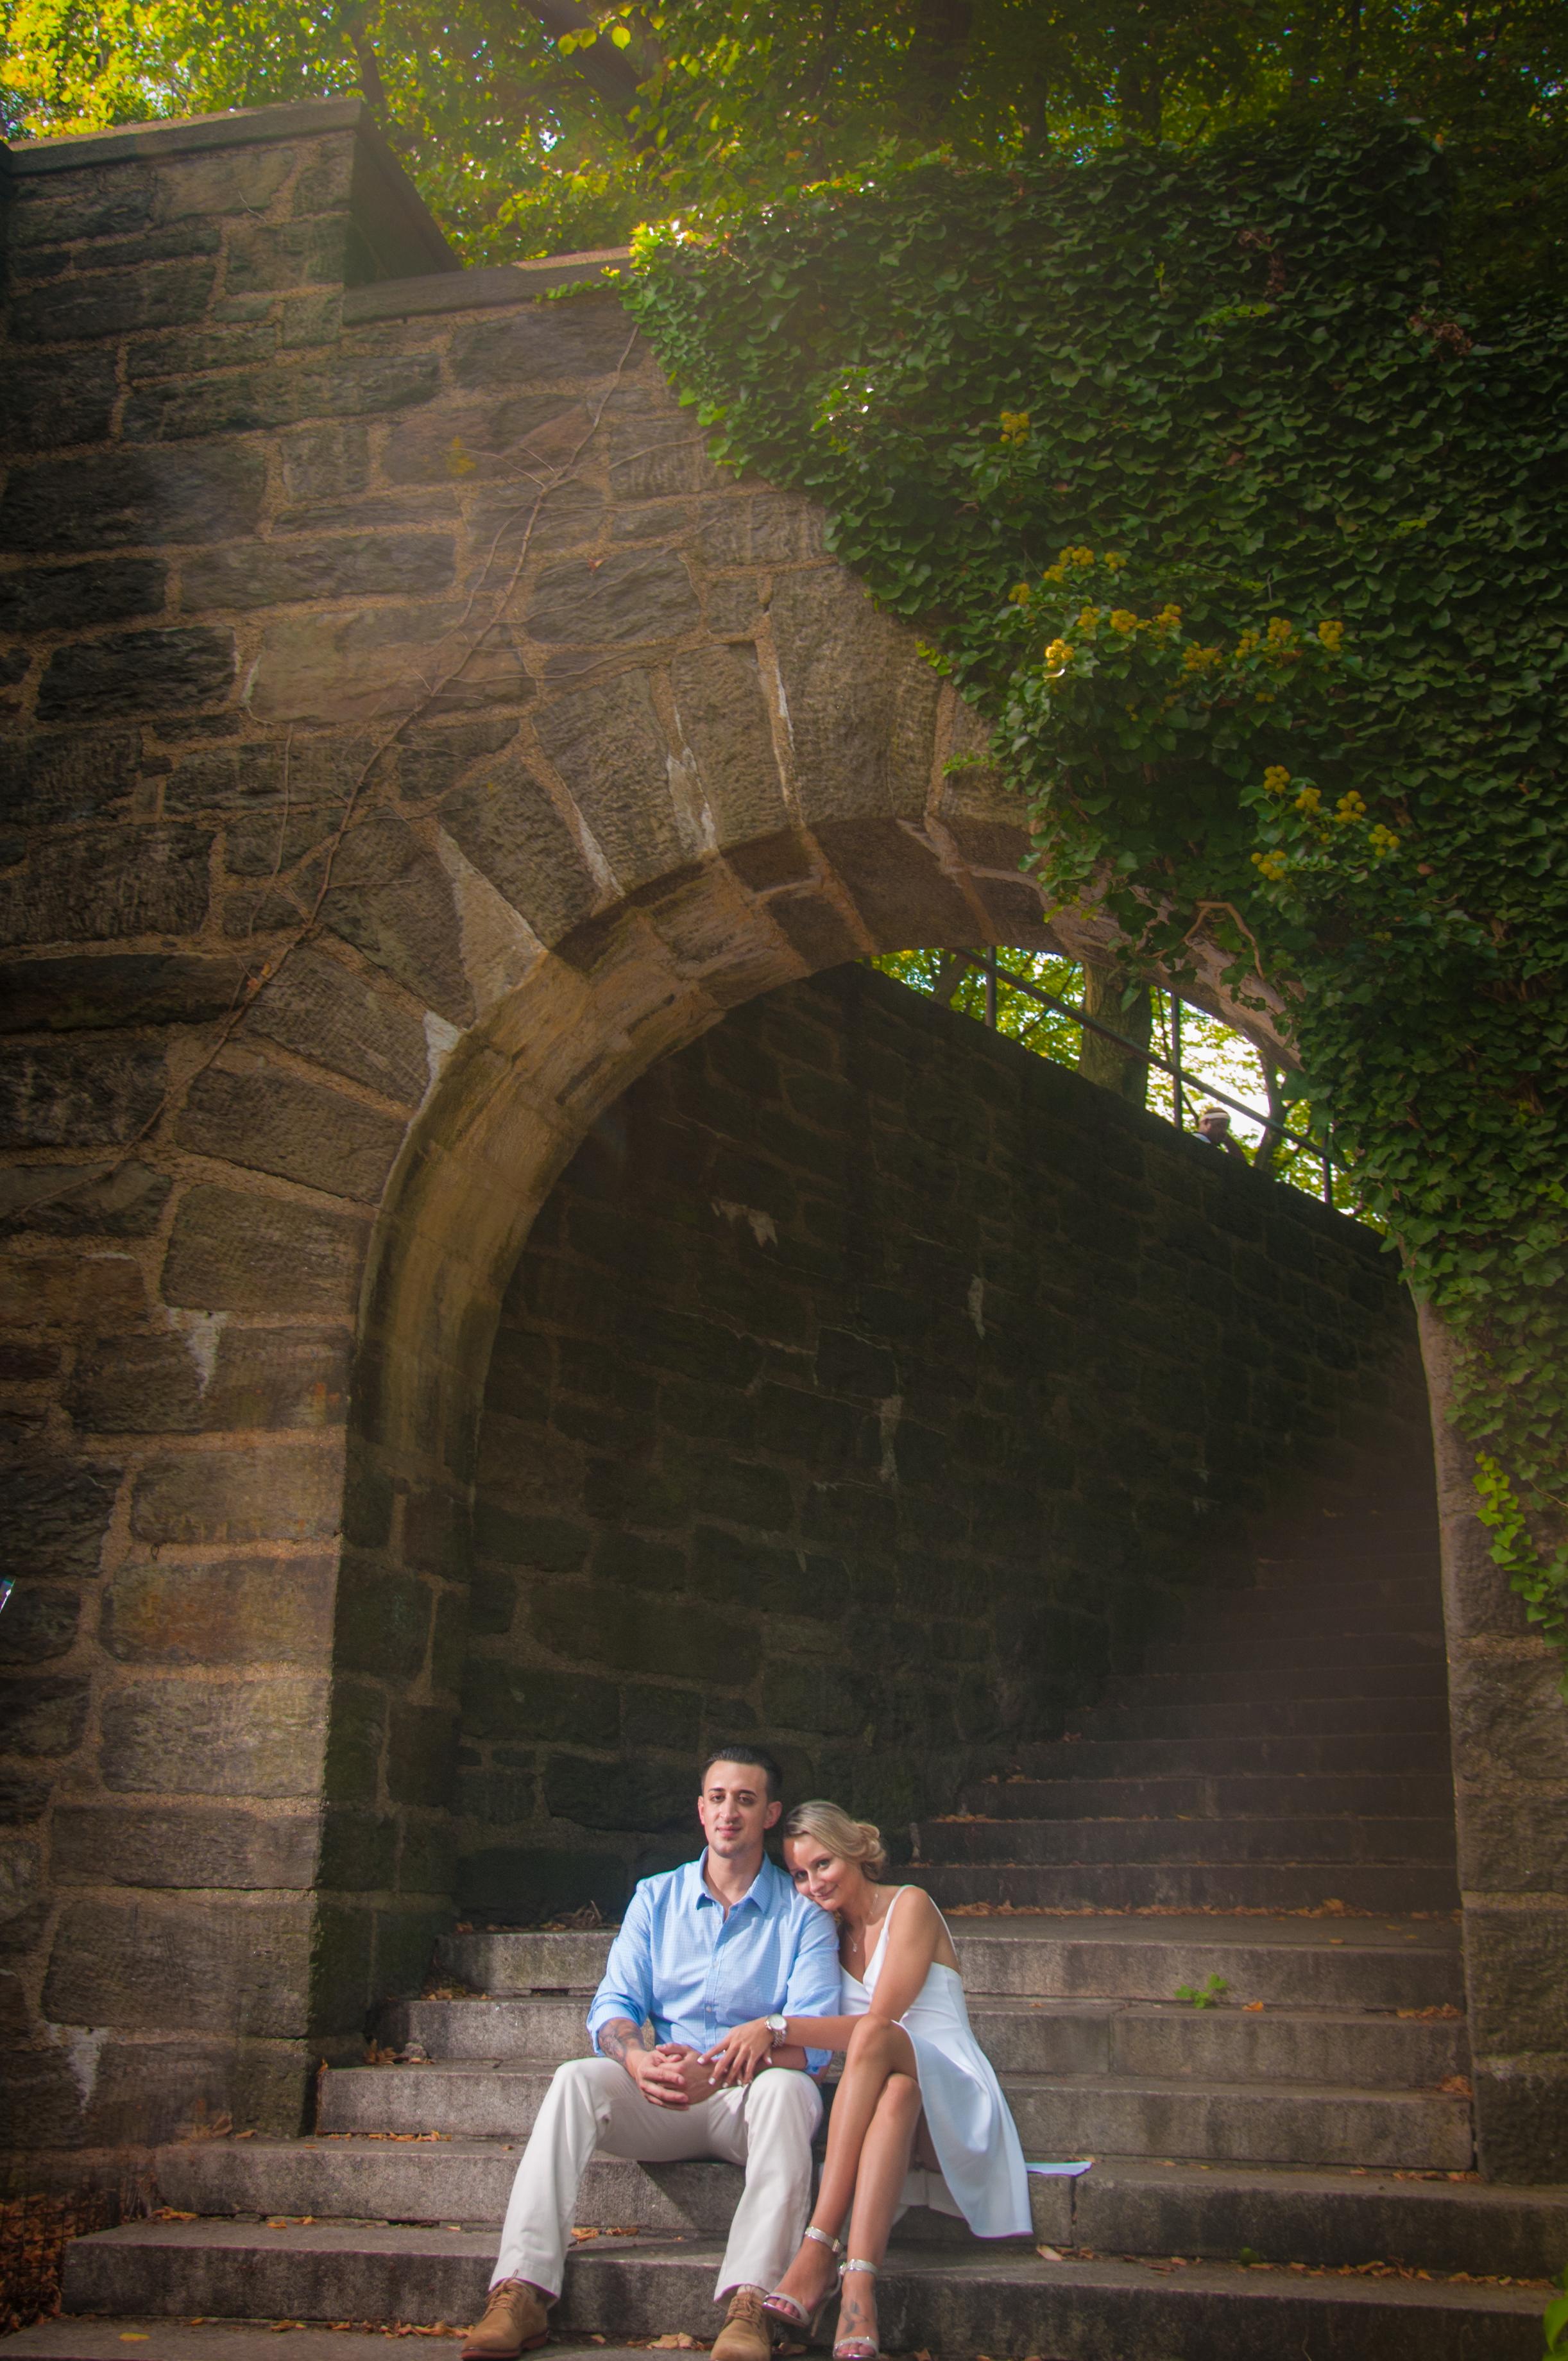 CArrieWestonStudios_NY_Portrait_Wedding_Photography_Northport_JoeandSarah-13.jpg